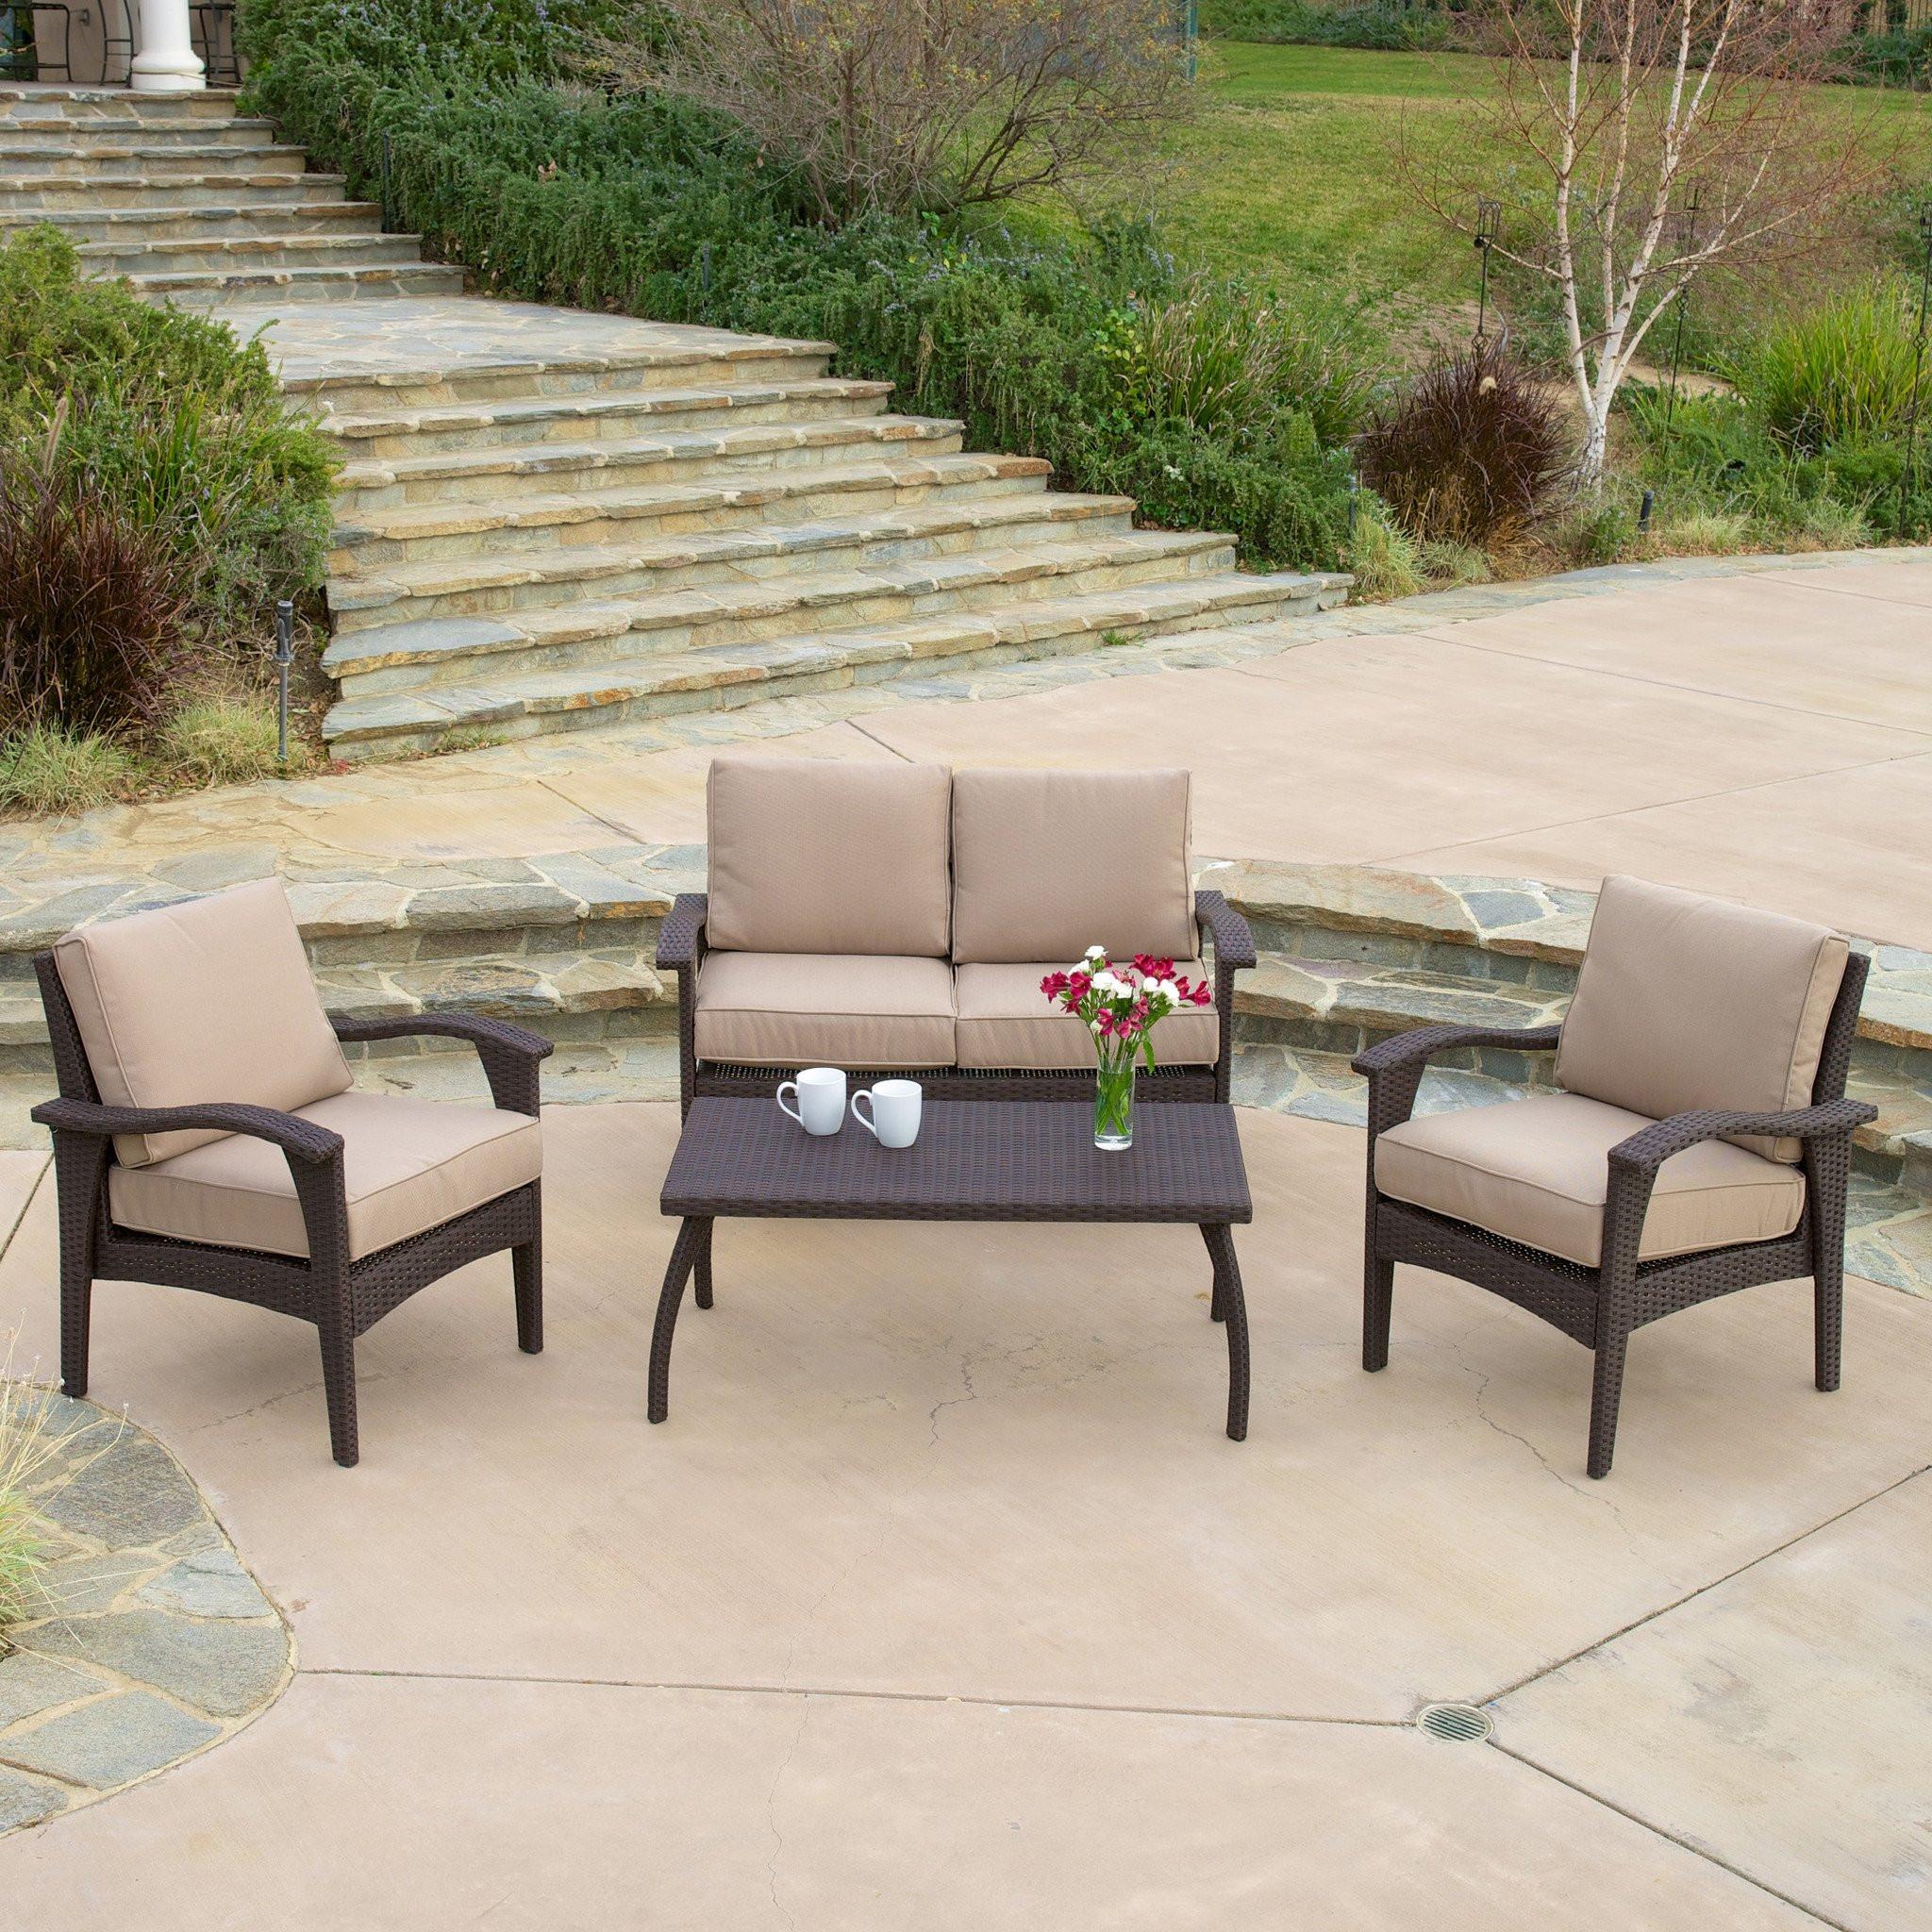 Voyage Outdoor Brown Wicker Sofa Set